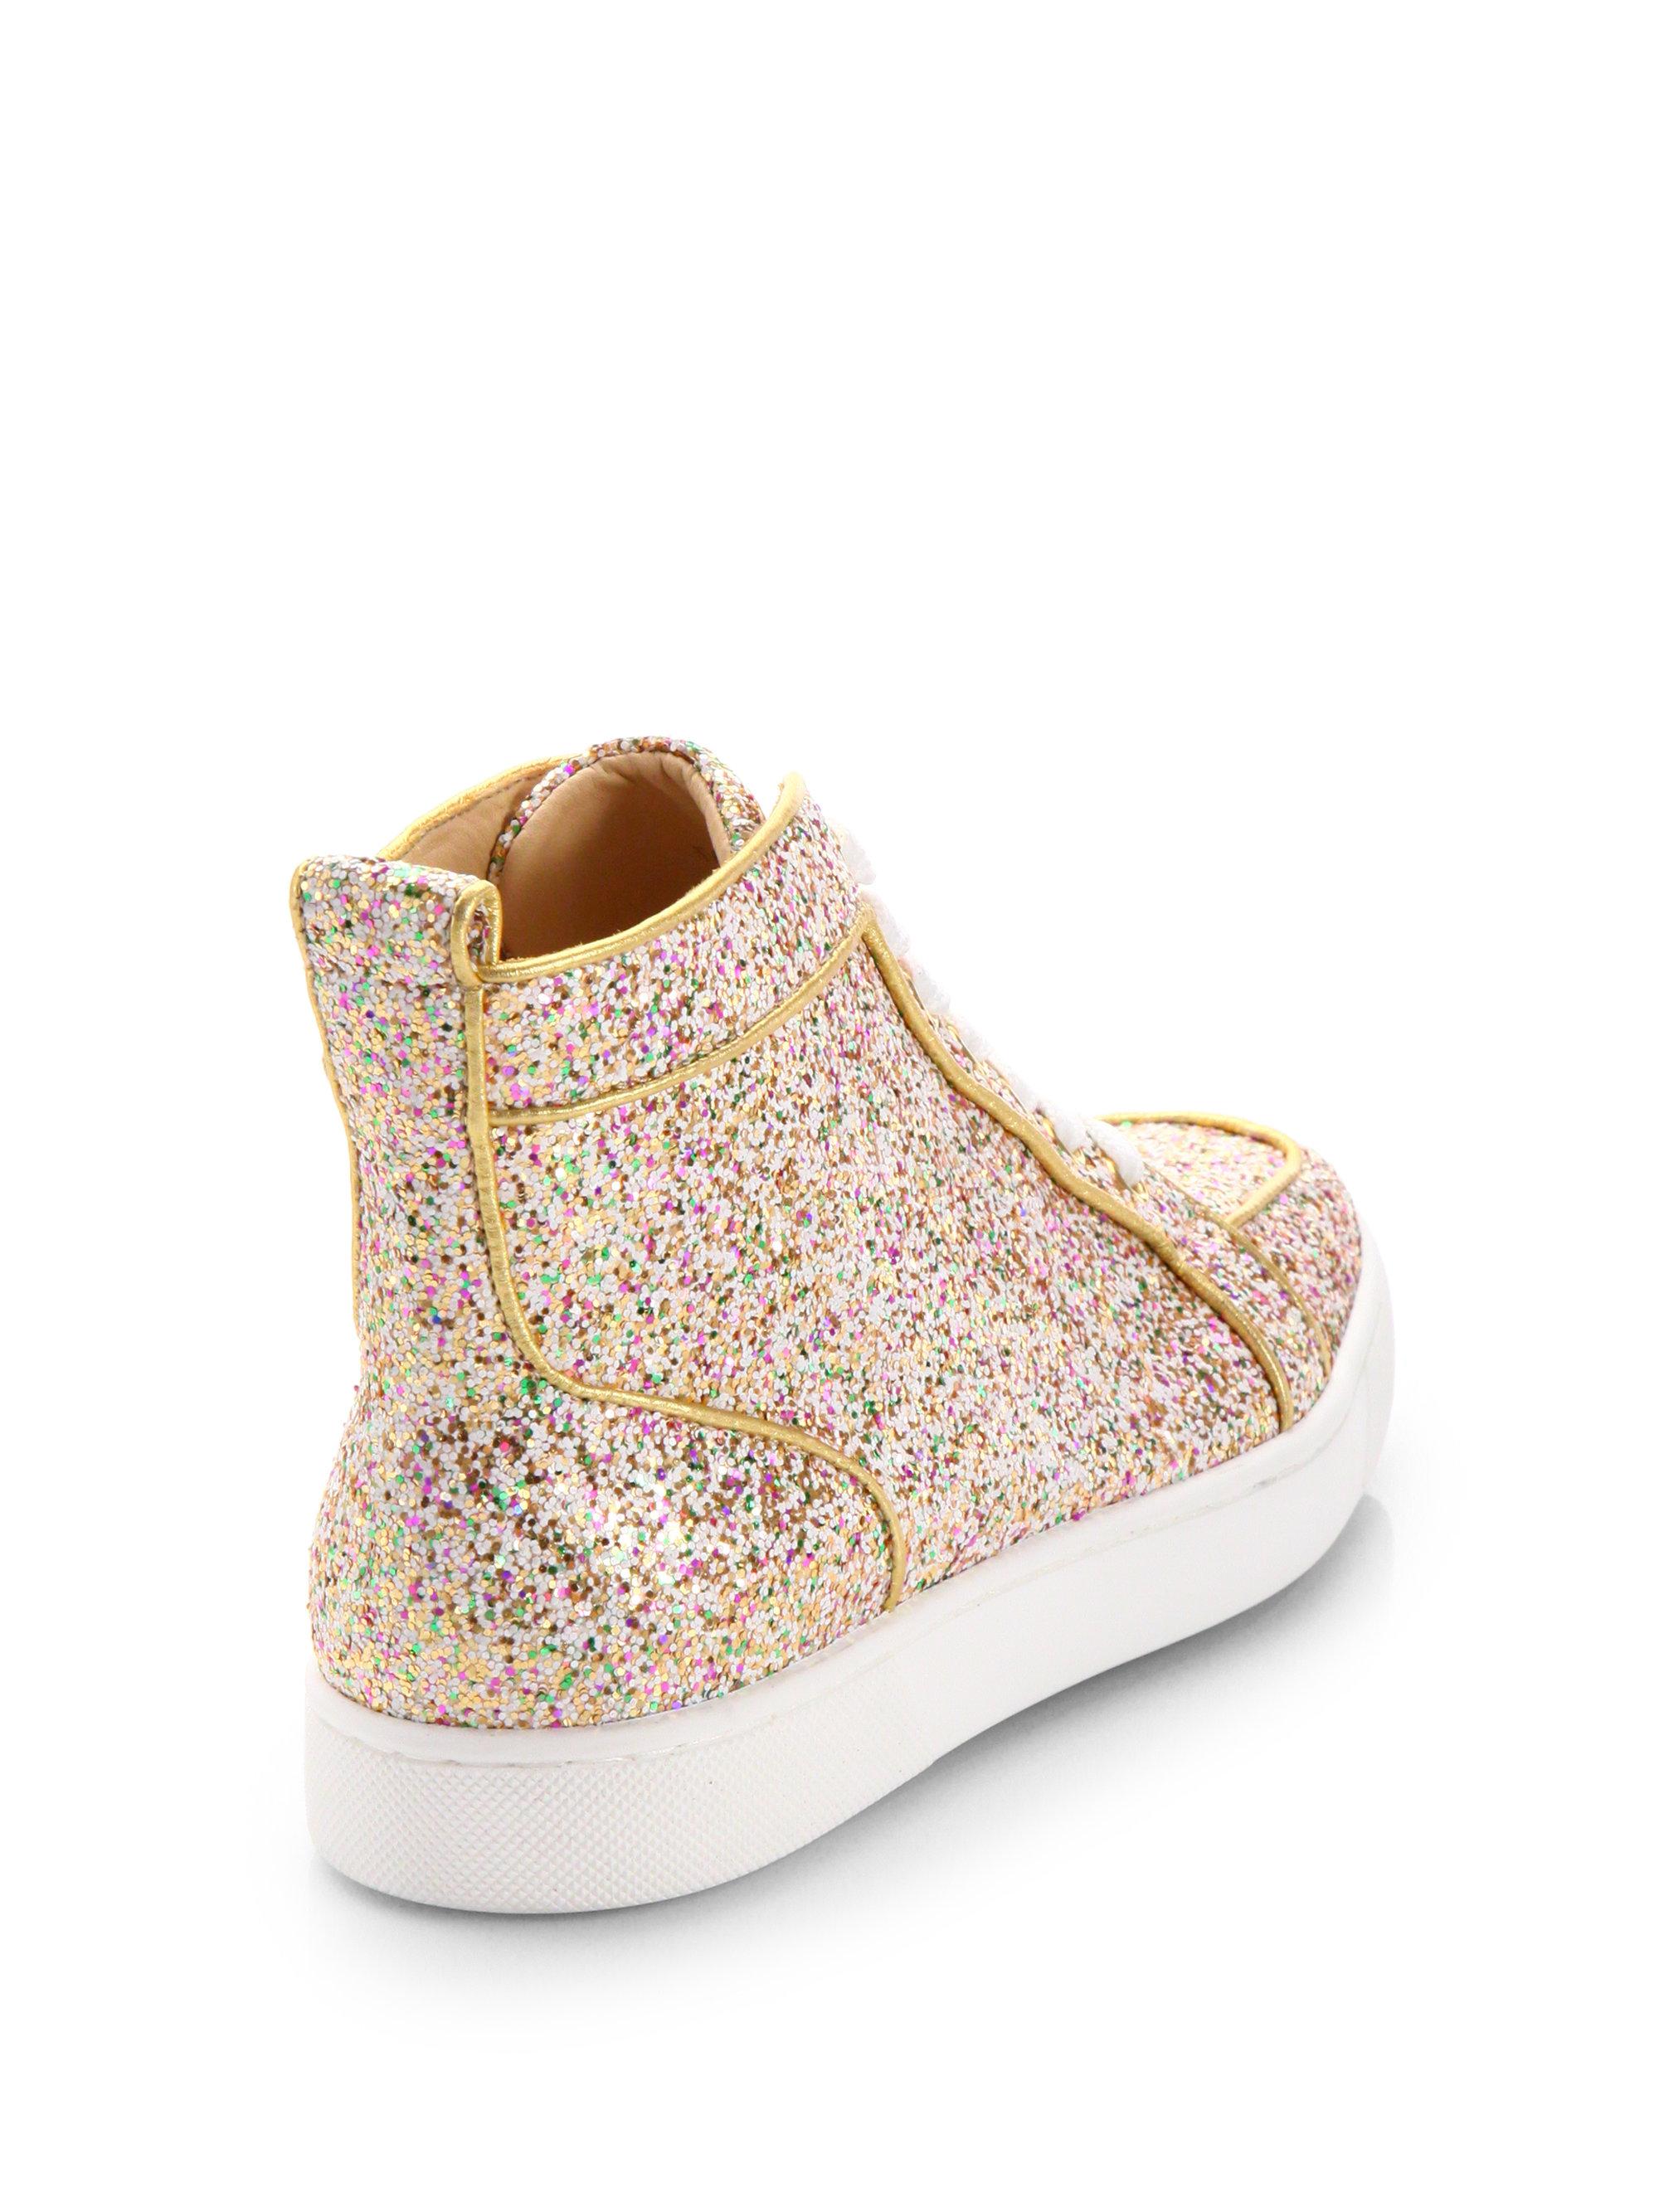 b9cf6127c96 ... amazon lyst christian louboutin glitter hightop sneakers in metallic  ea055 453e3